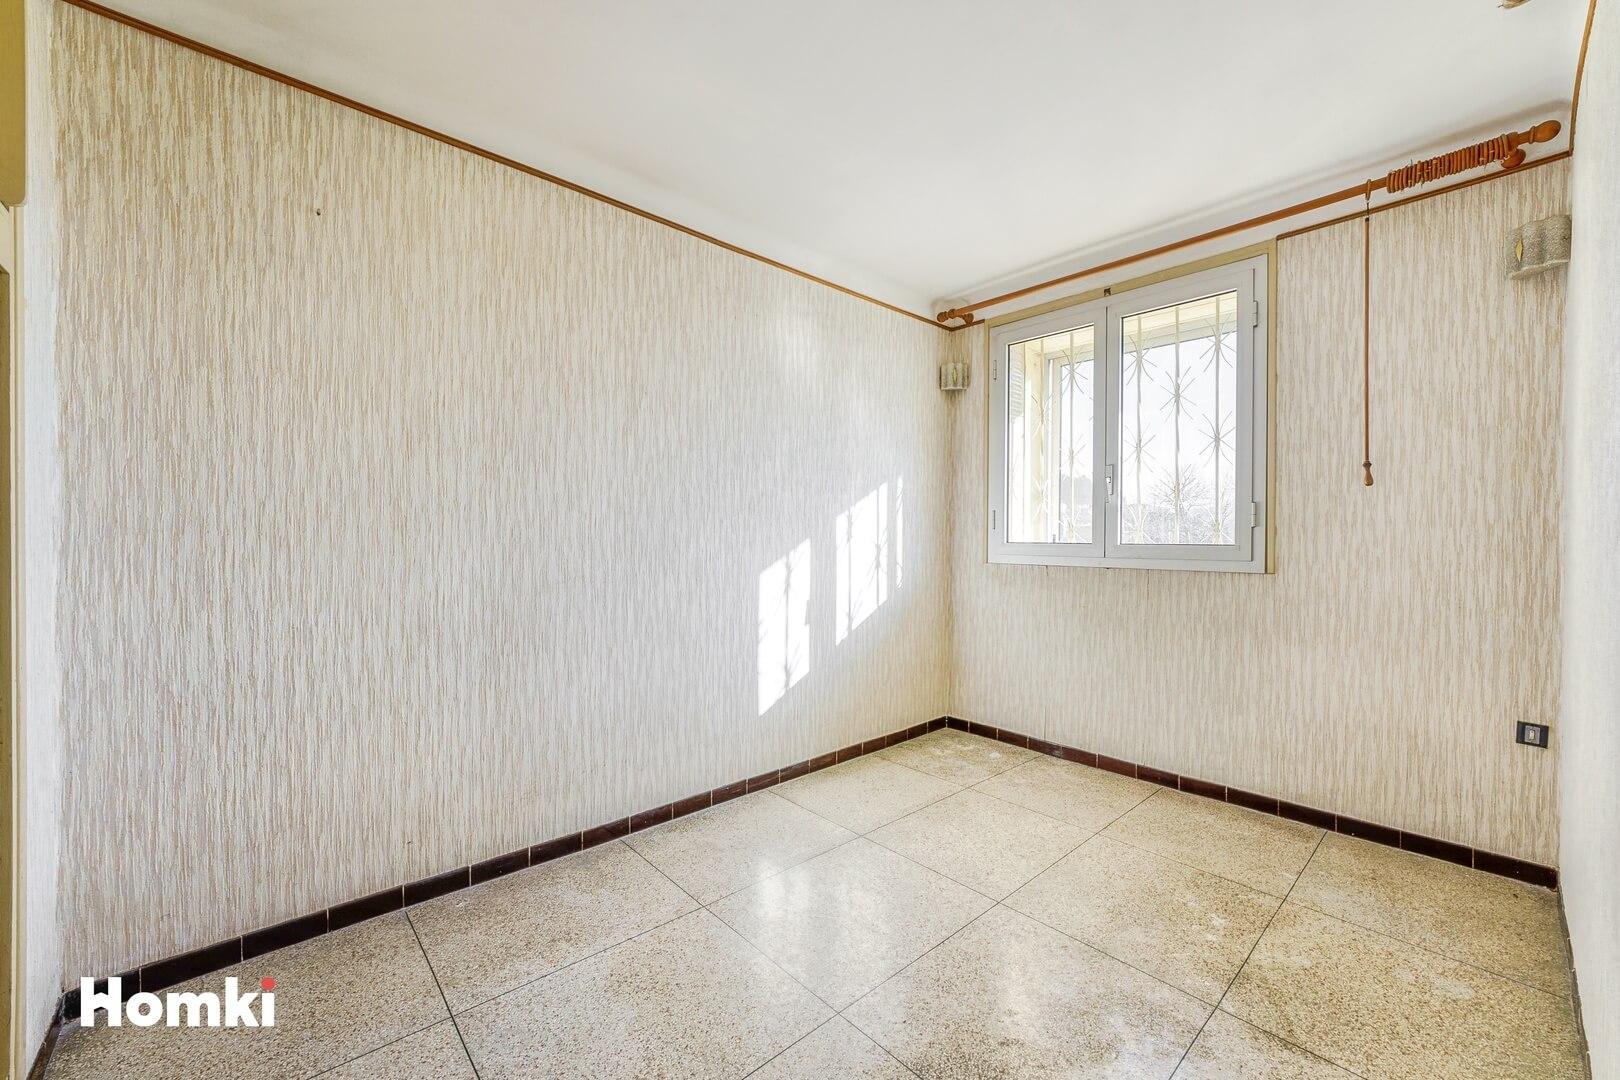 Homki - Vente Appartement  de 56.0 m² à Marseille 13011